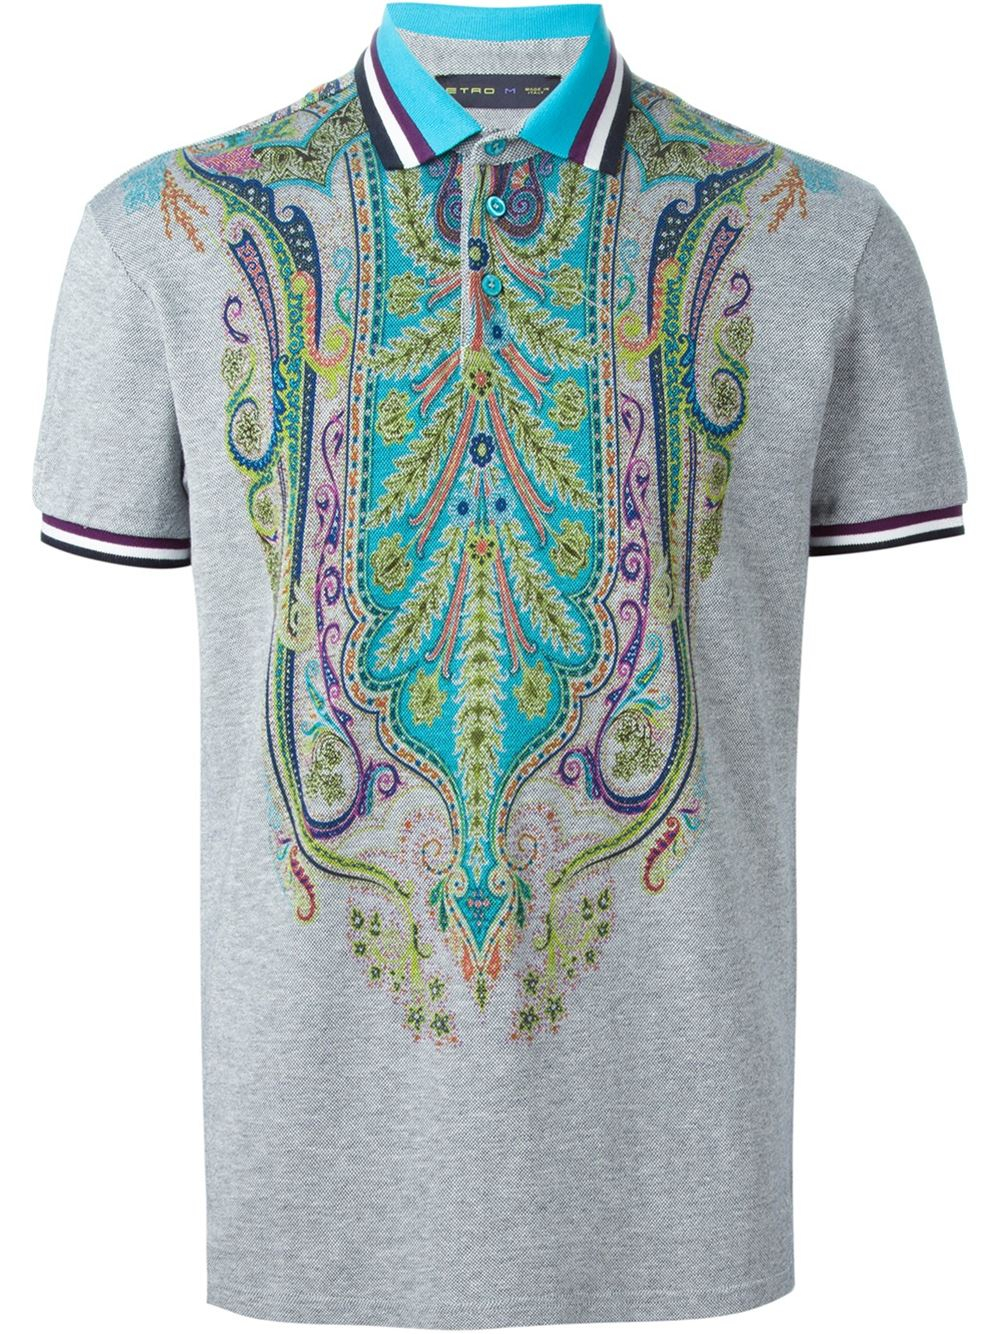 Designer T Shirt Mens Lauren Goss